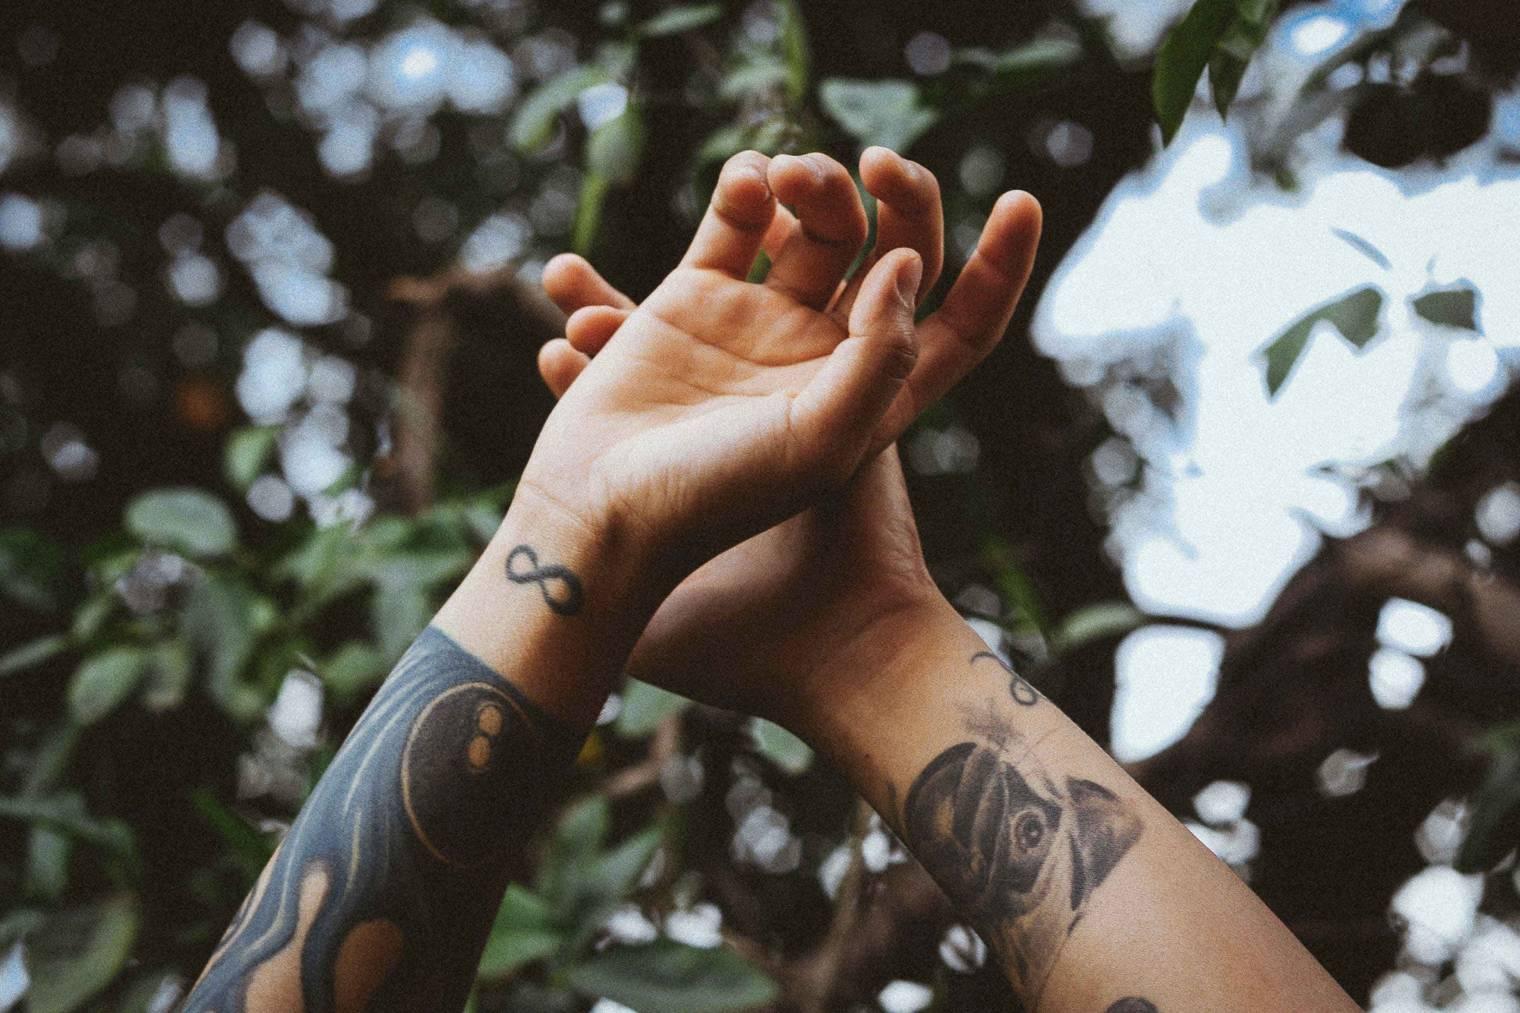 Le compte à rebours (alléger le passé, apaiser la douleur et les émotions vives)